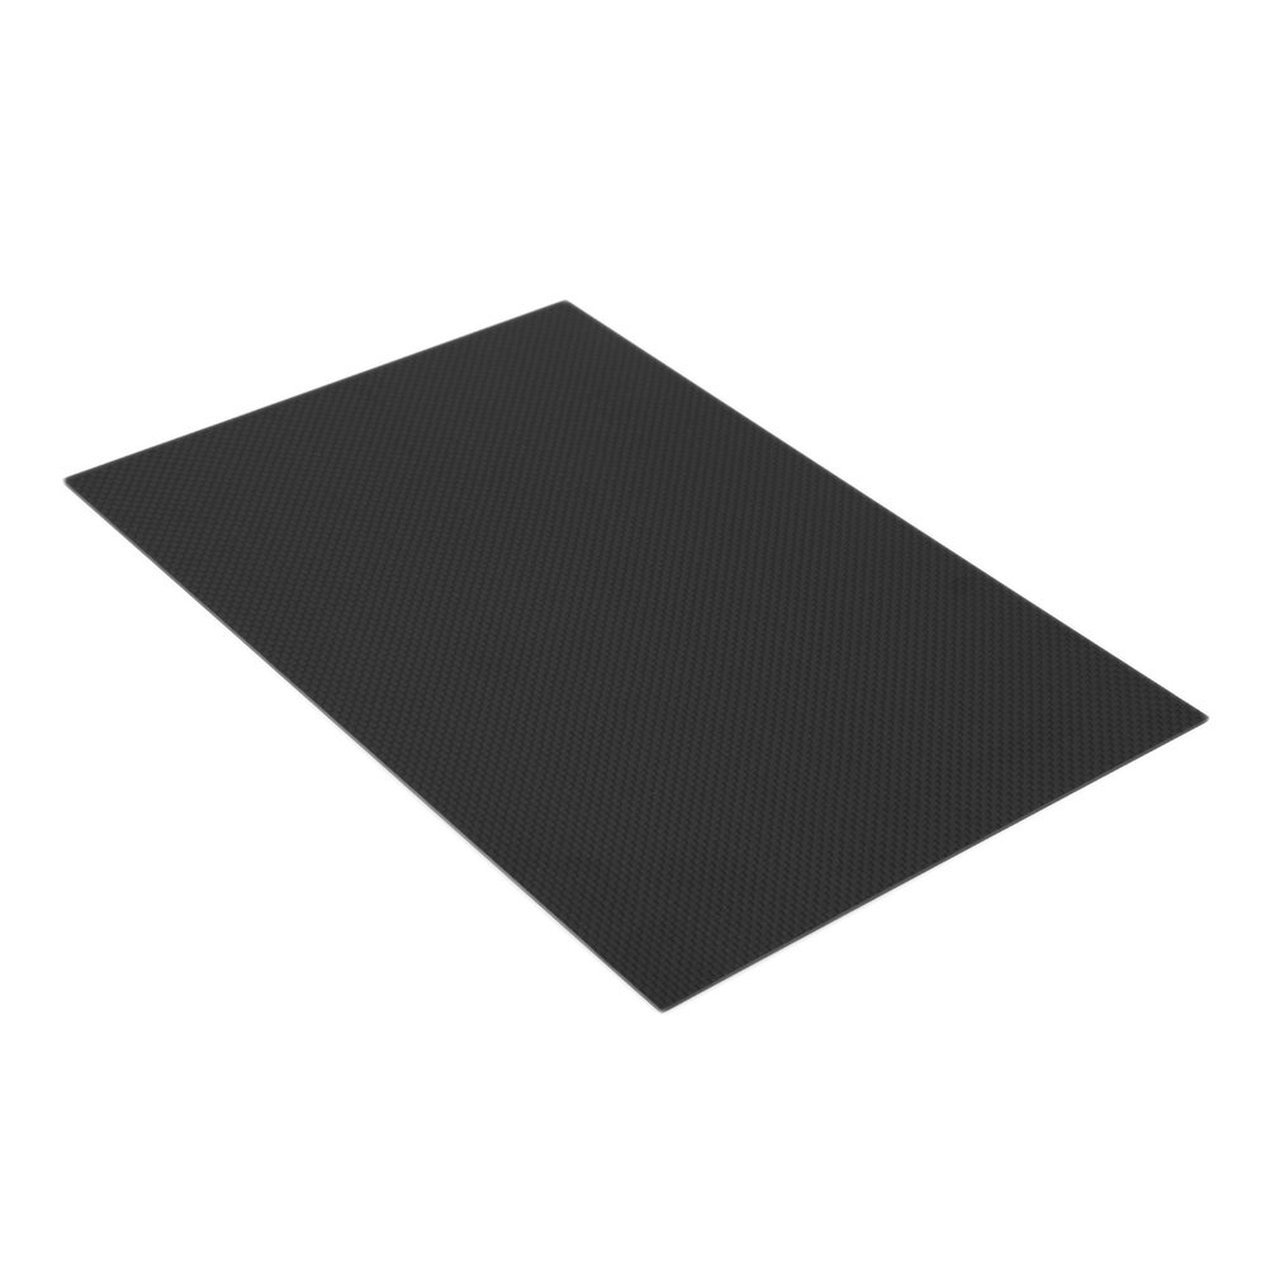 200 1mm de Carbone Jasnyfall Pleine Surface de Matt darmure de Feuille de Panneau de Plaque de Fibre de Carbone de 300